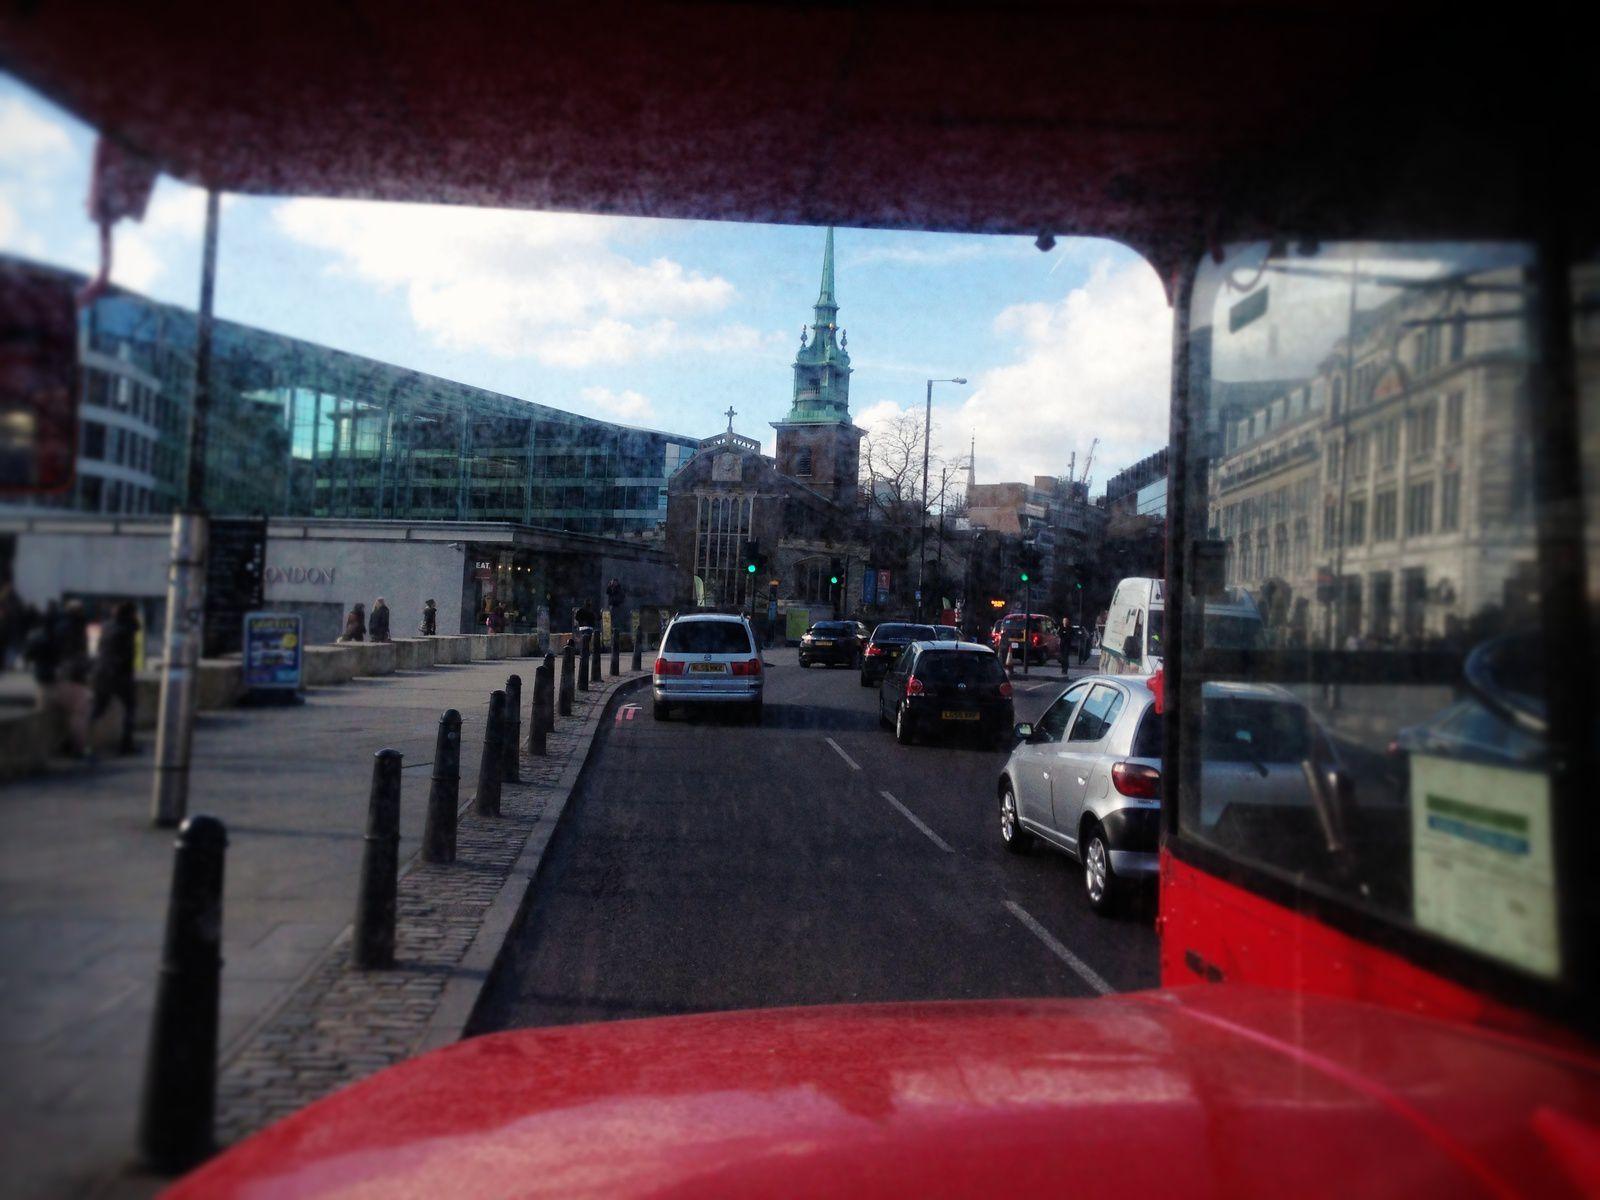 Un tour de bus à l'ancienne!